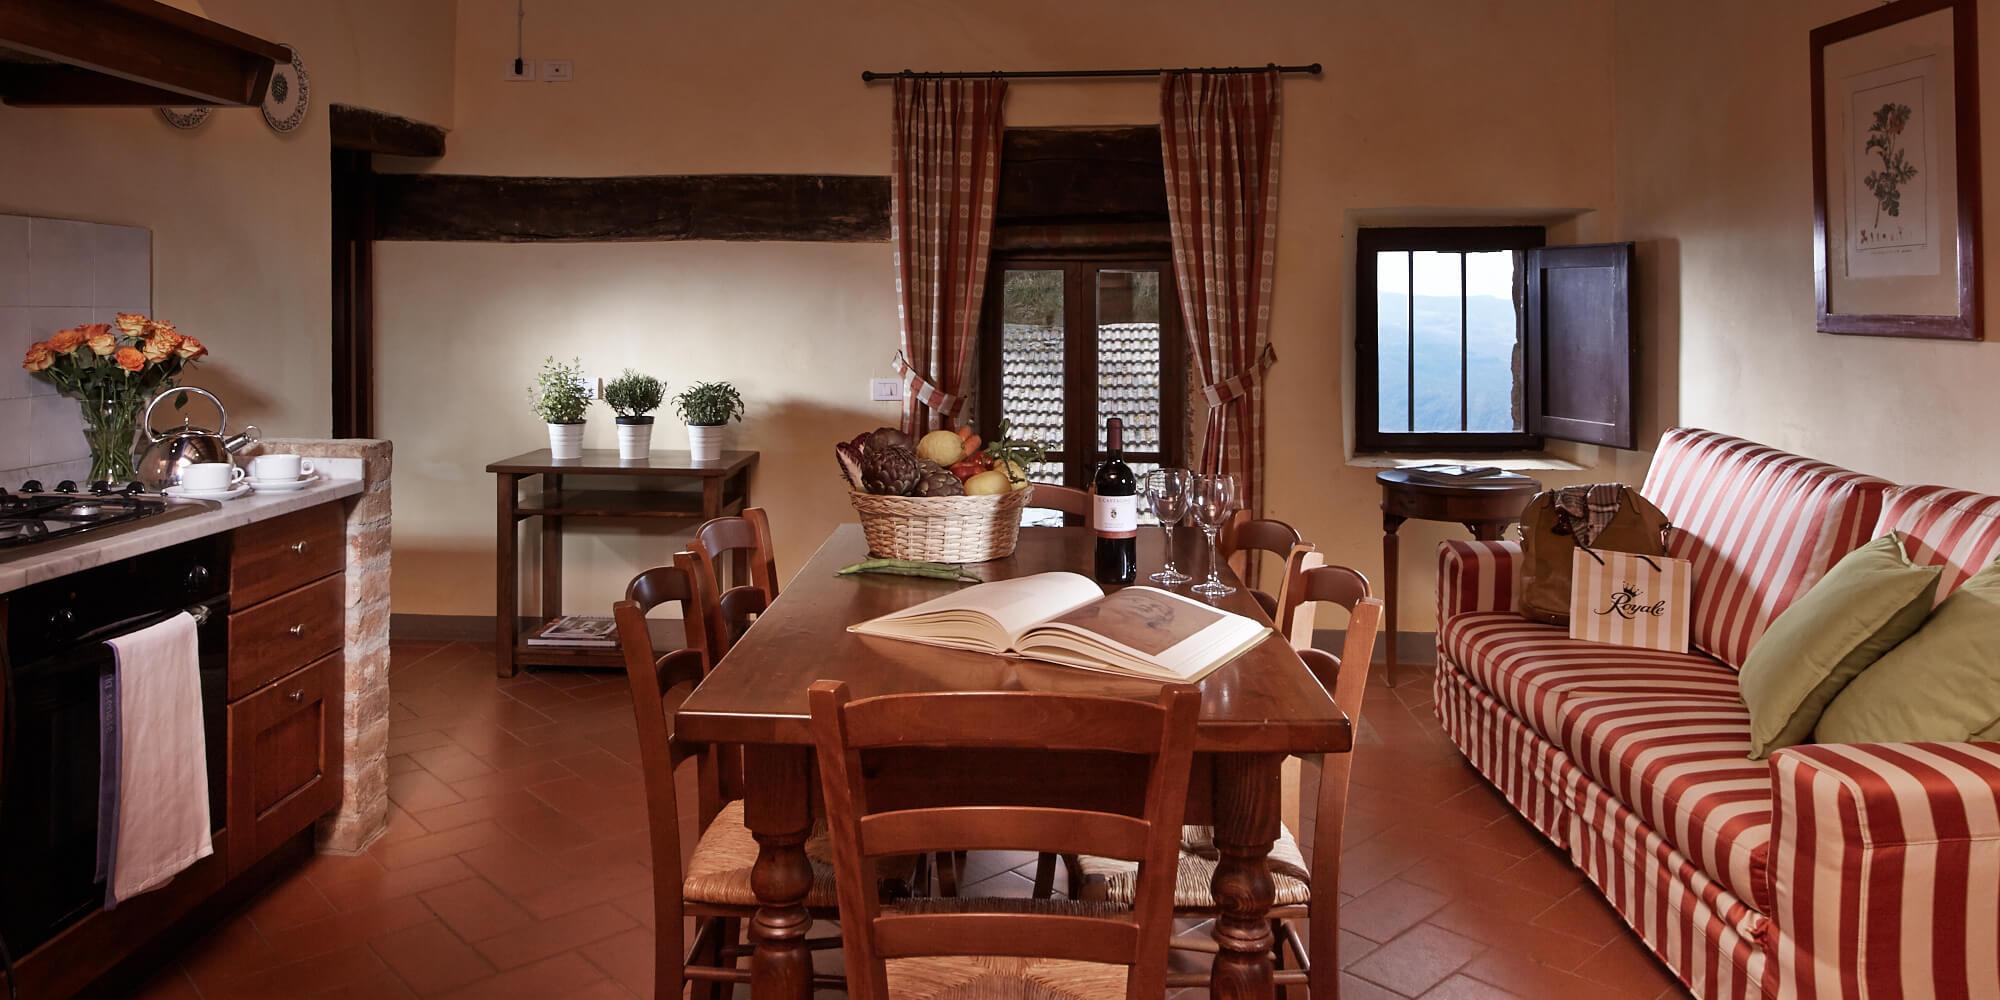 Gambassi Tavoli E Sedie.Appartamento Per Vacanze In Toscana Valle Residenza Il Castagno